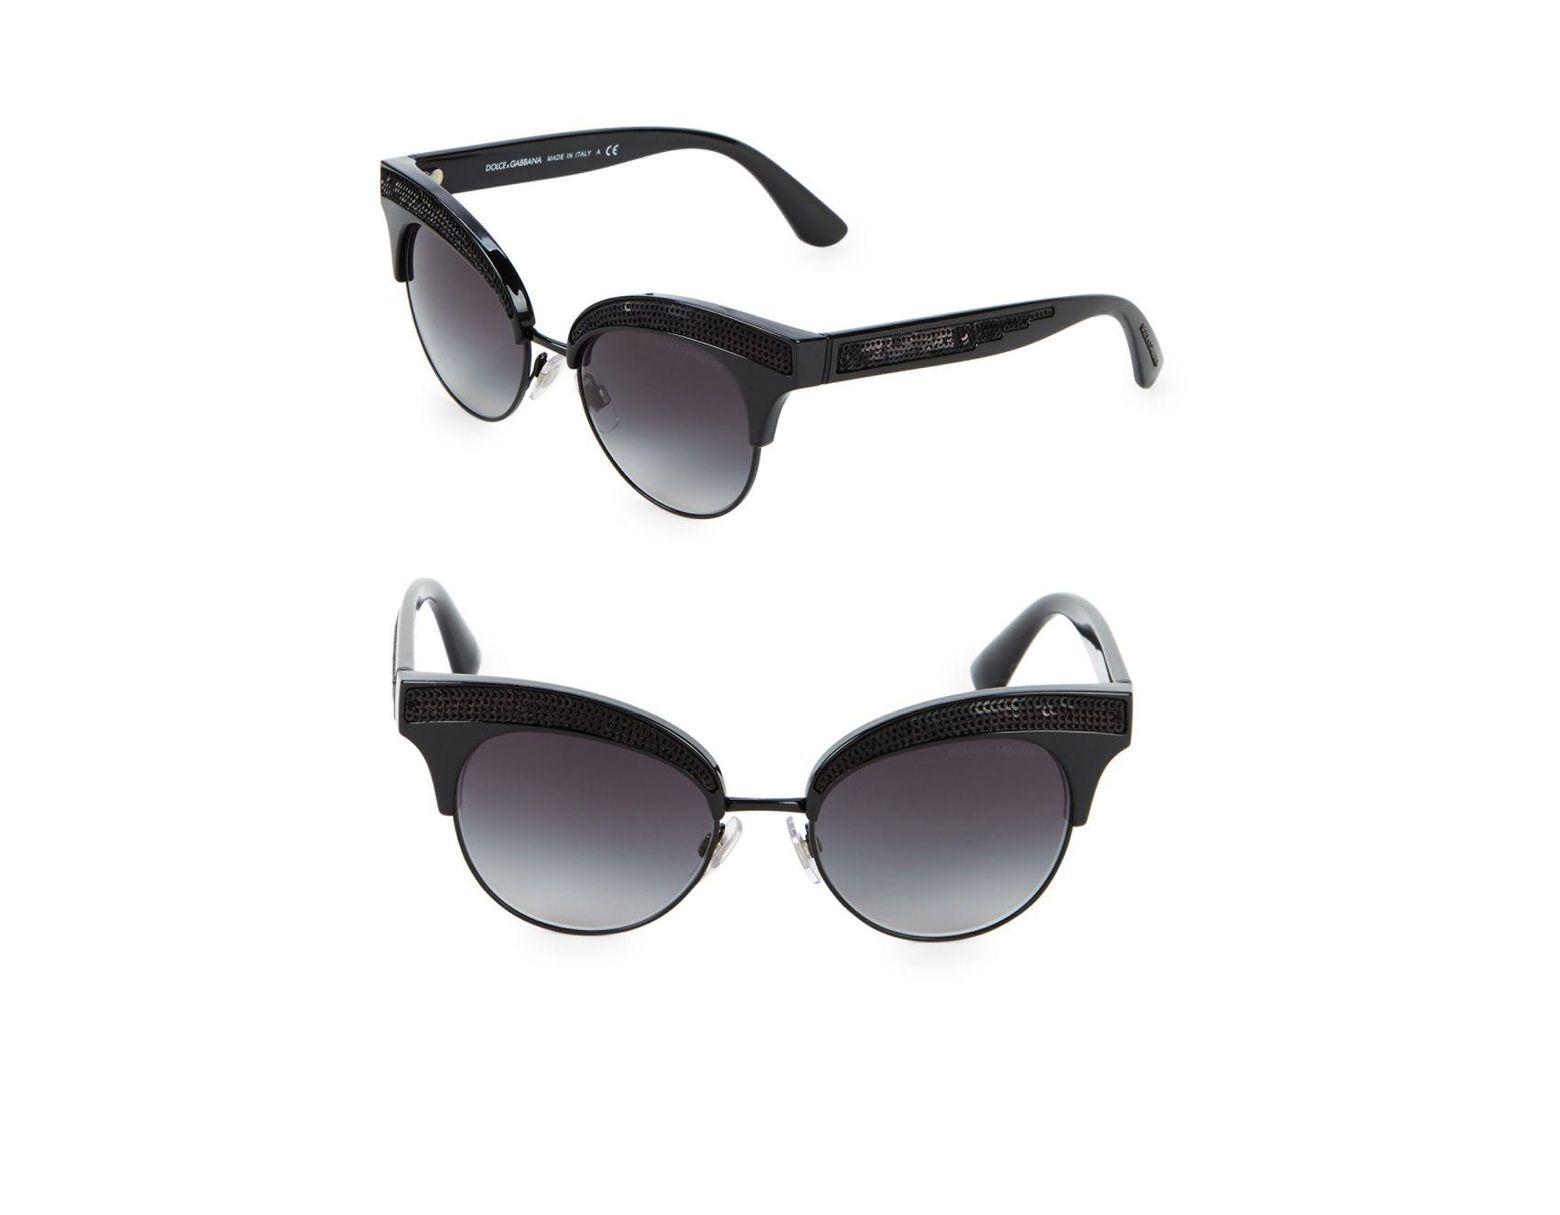 98a6a712f Dolce & Gabbana 50mm Sequin Trim Cateye Sunglasses in Black - Lyst